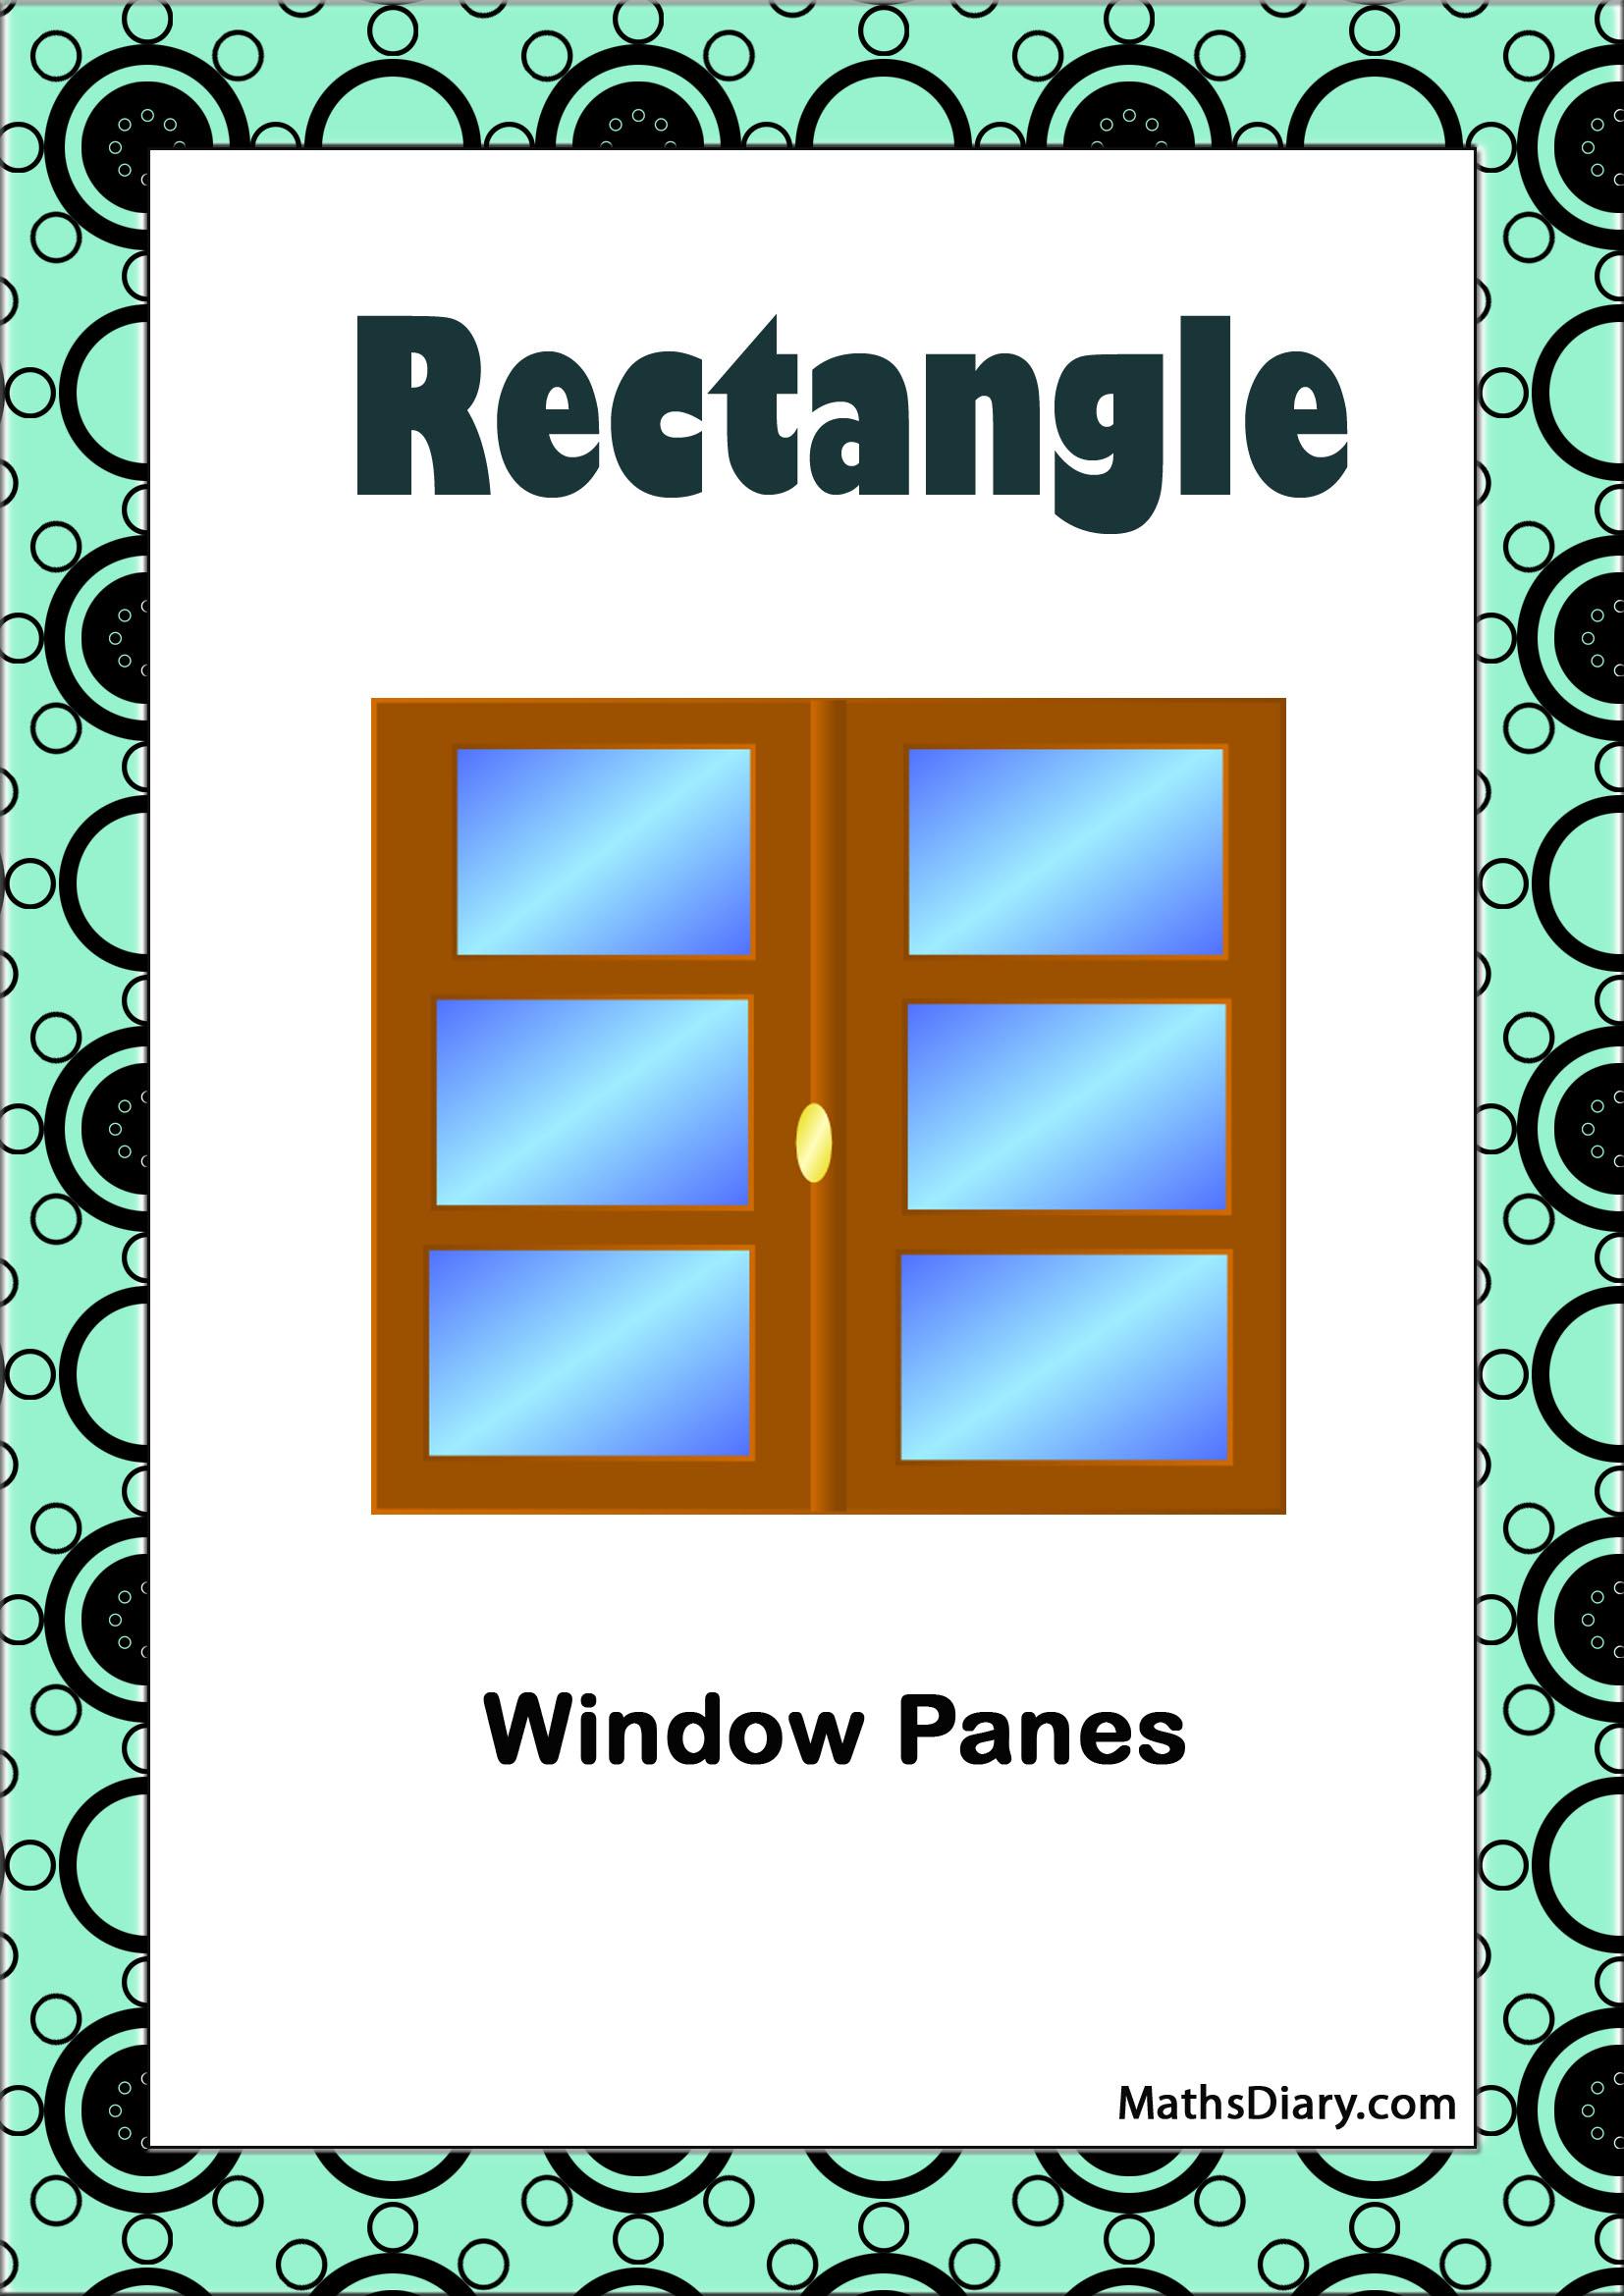 Identifying Rectangular Shapes